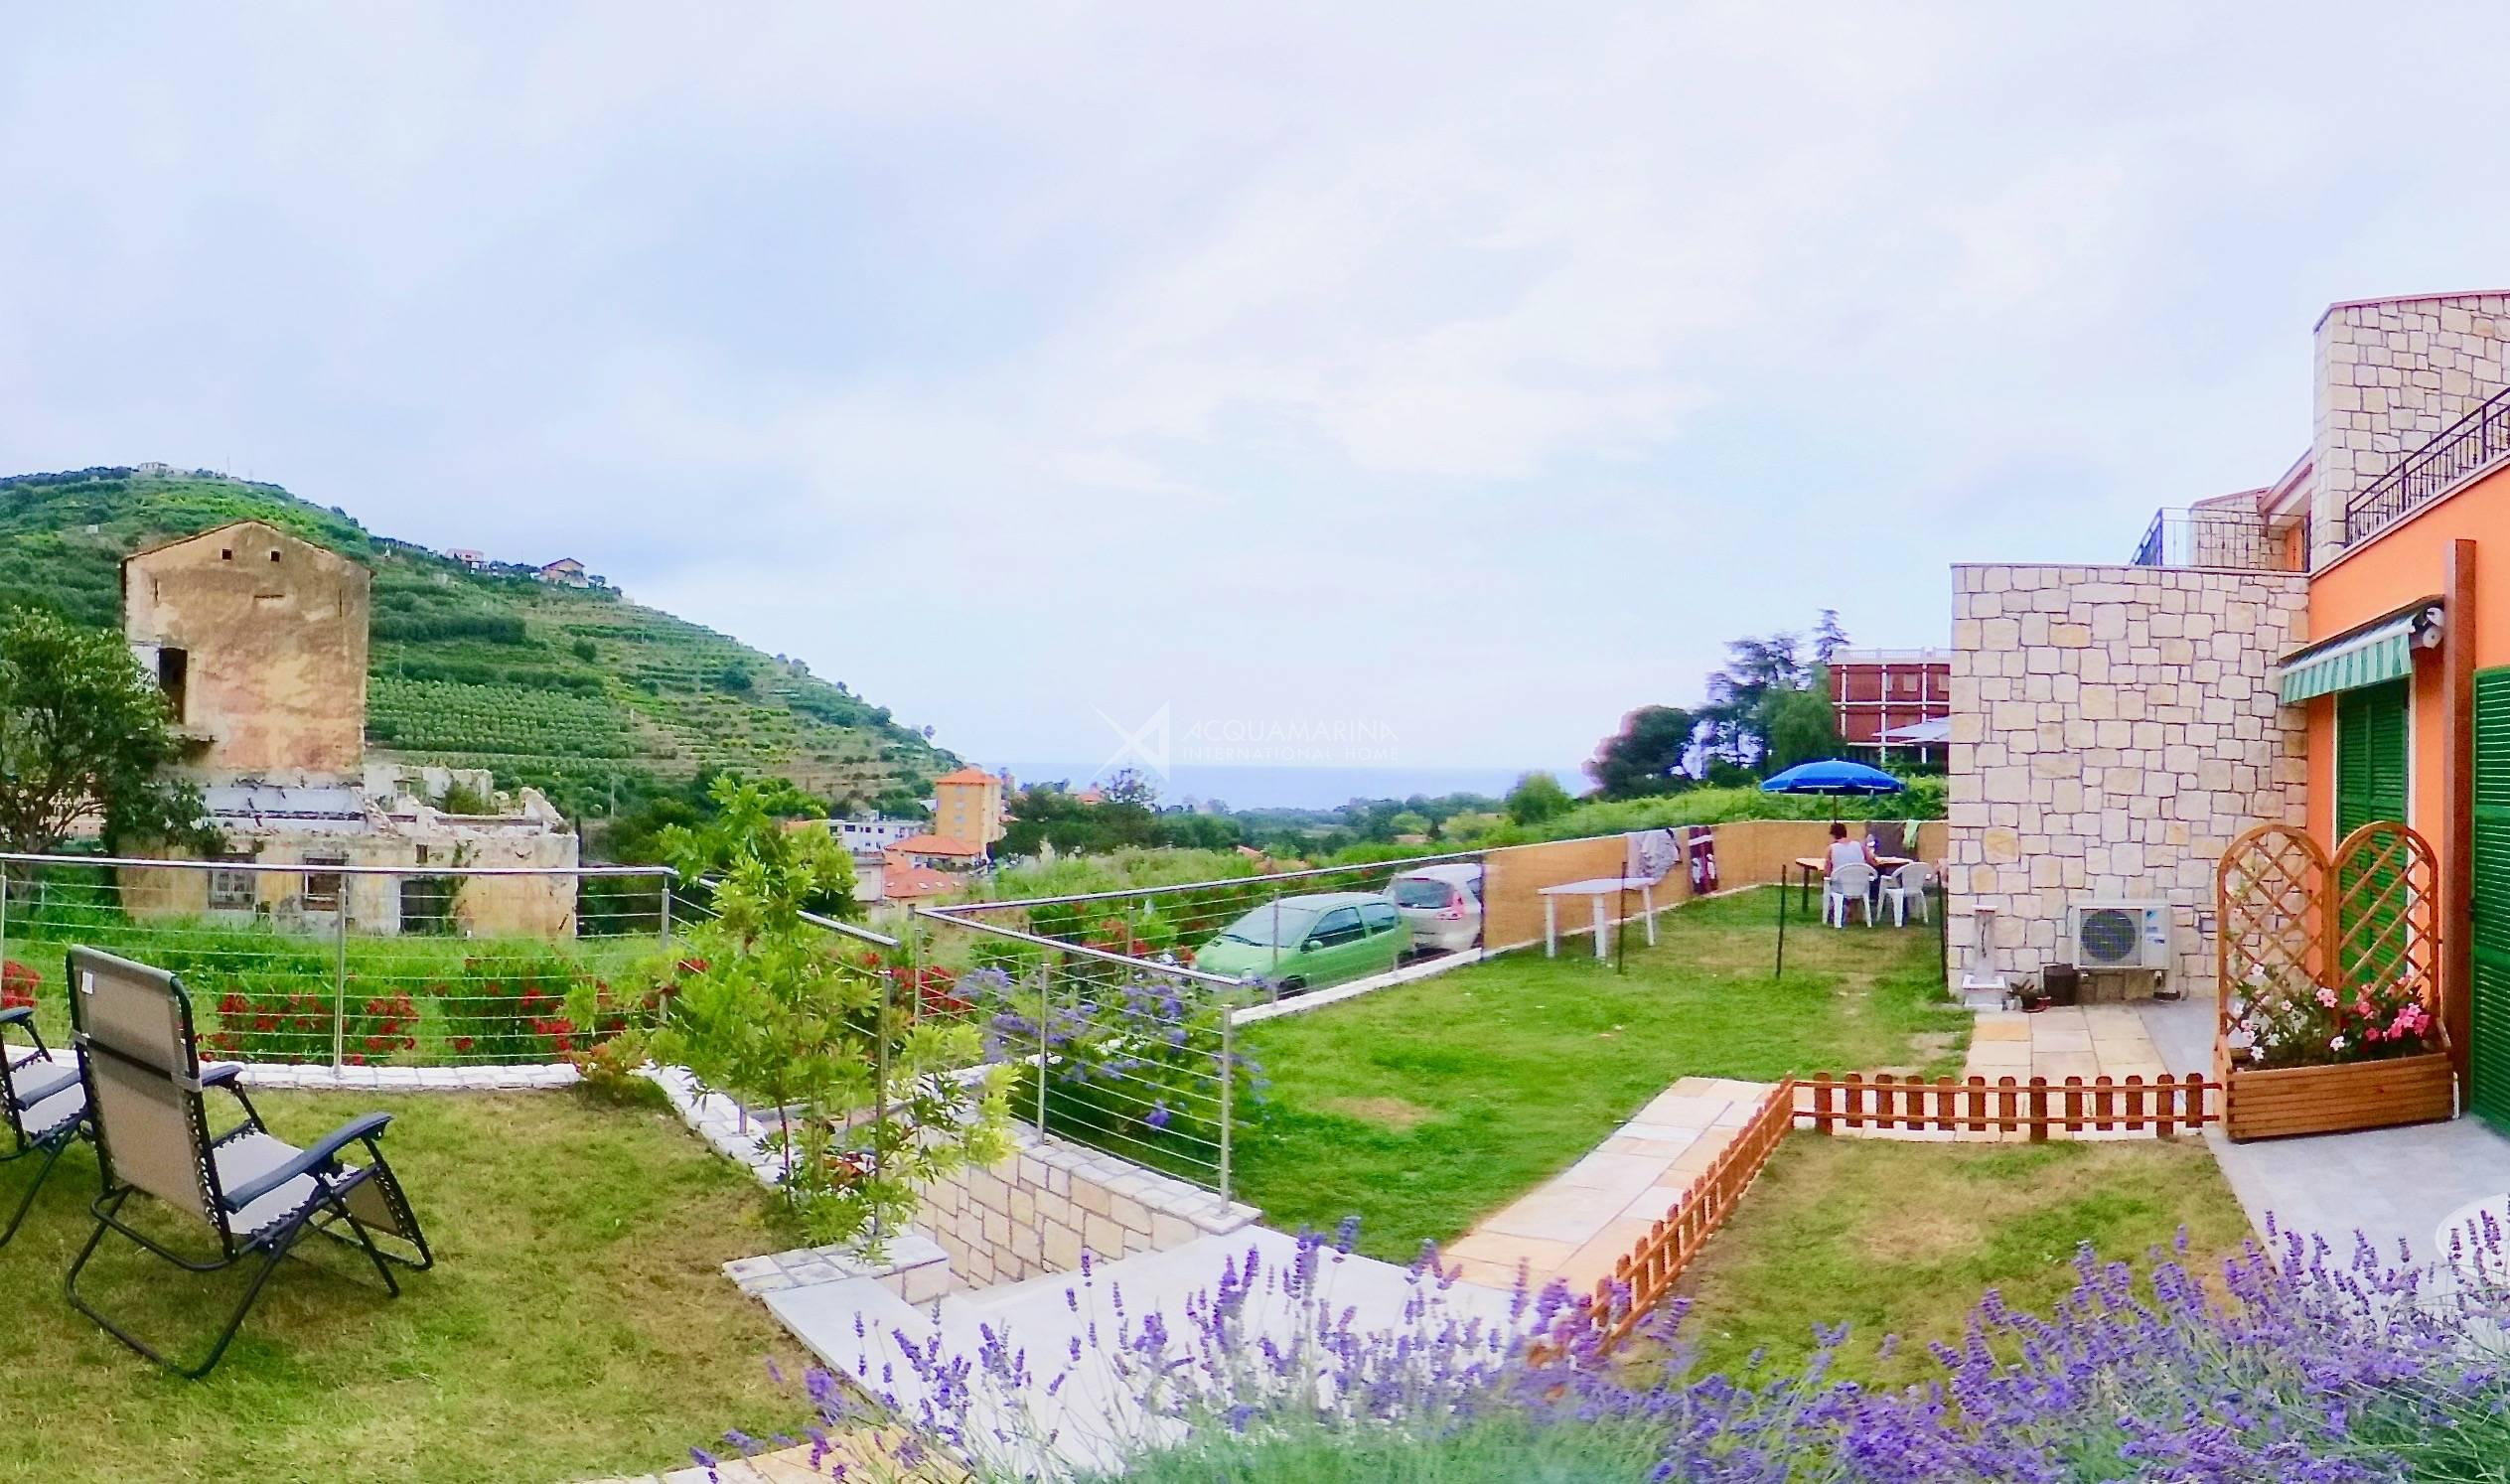 Ventimiglia vendita appartamento con giardino<br />1/12